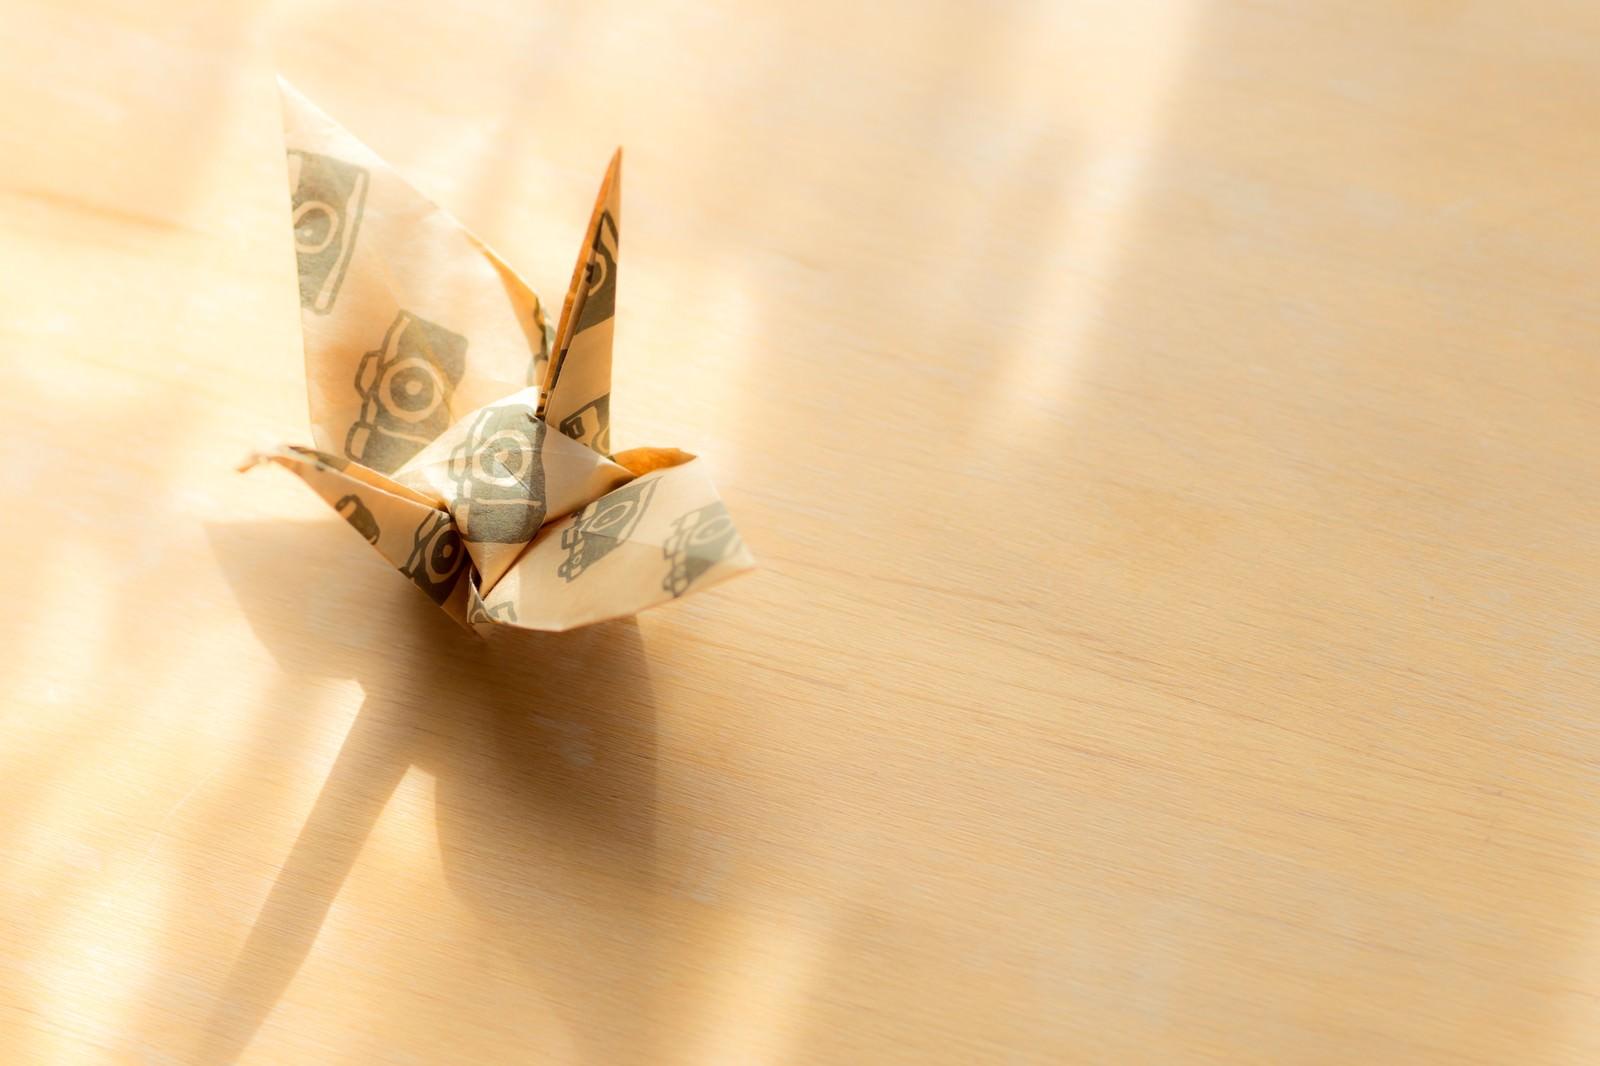 「折り鶴と射し込む日の光と影」の写真